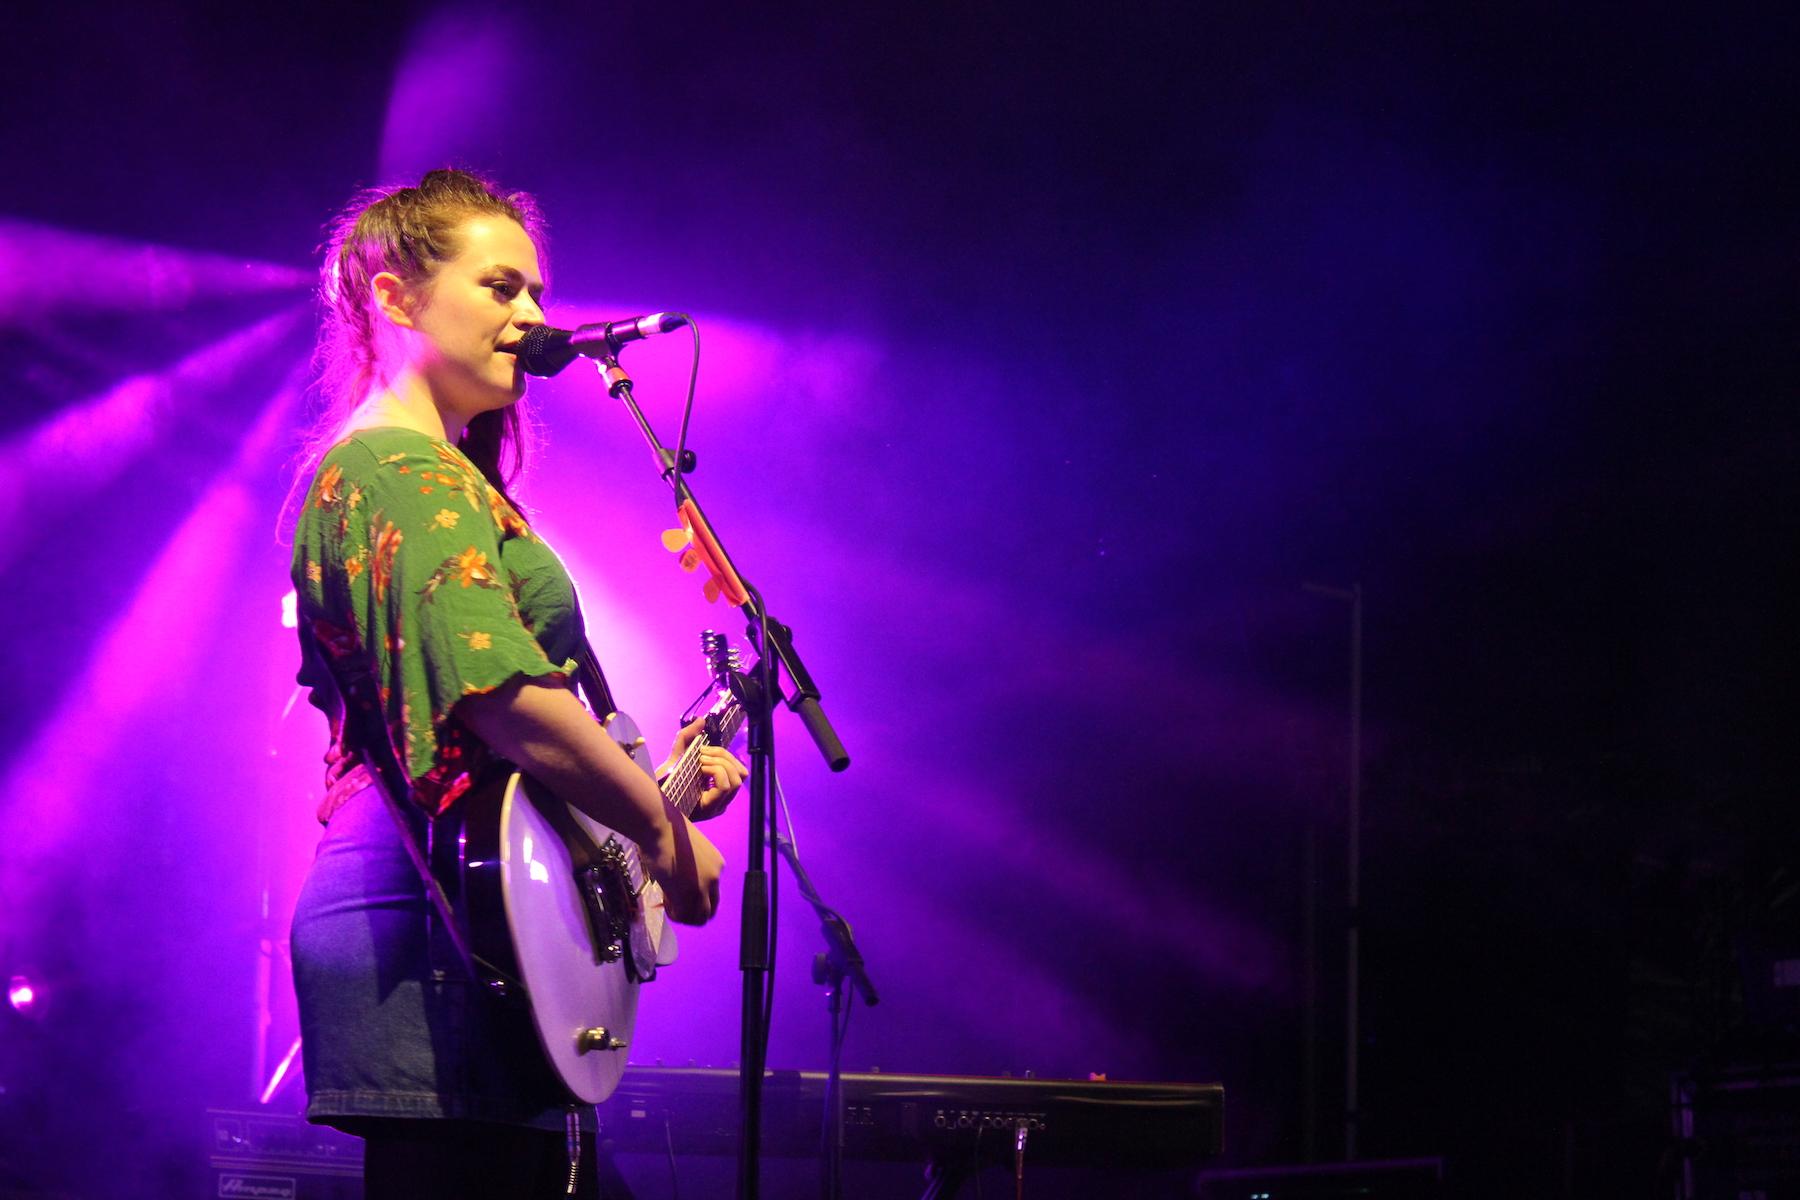 Siobhan Wilson at Belladrum 2018  2866 - Siobhan Wilson Belladrum 2018 - IMAGES